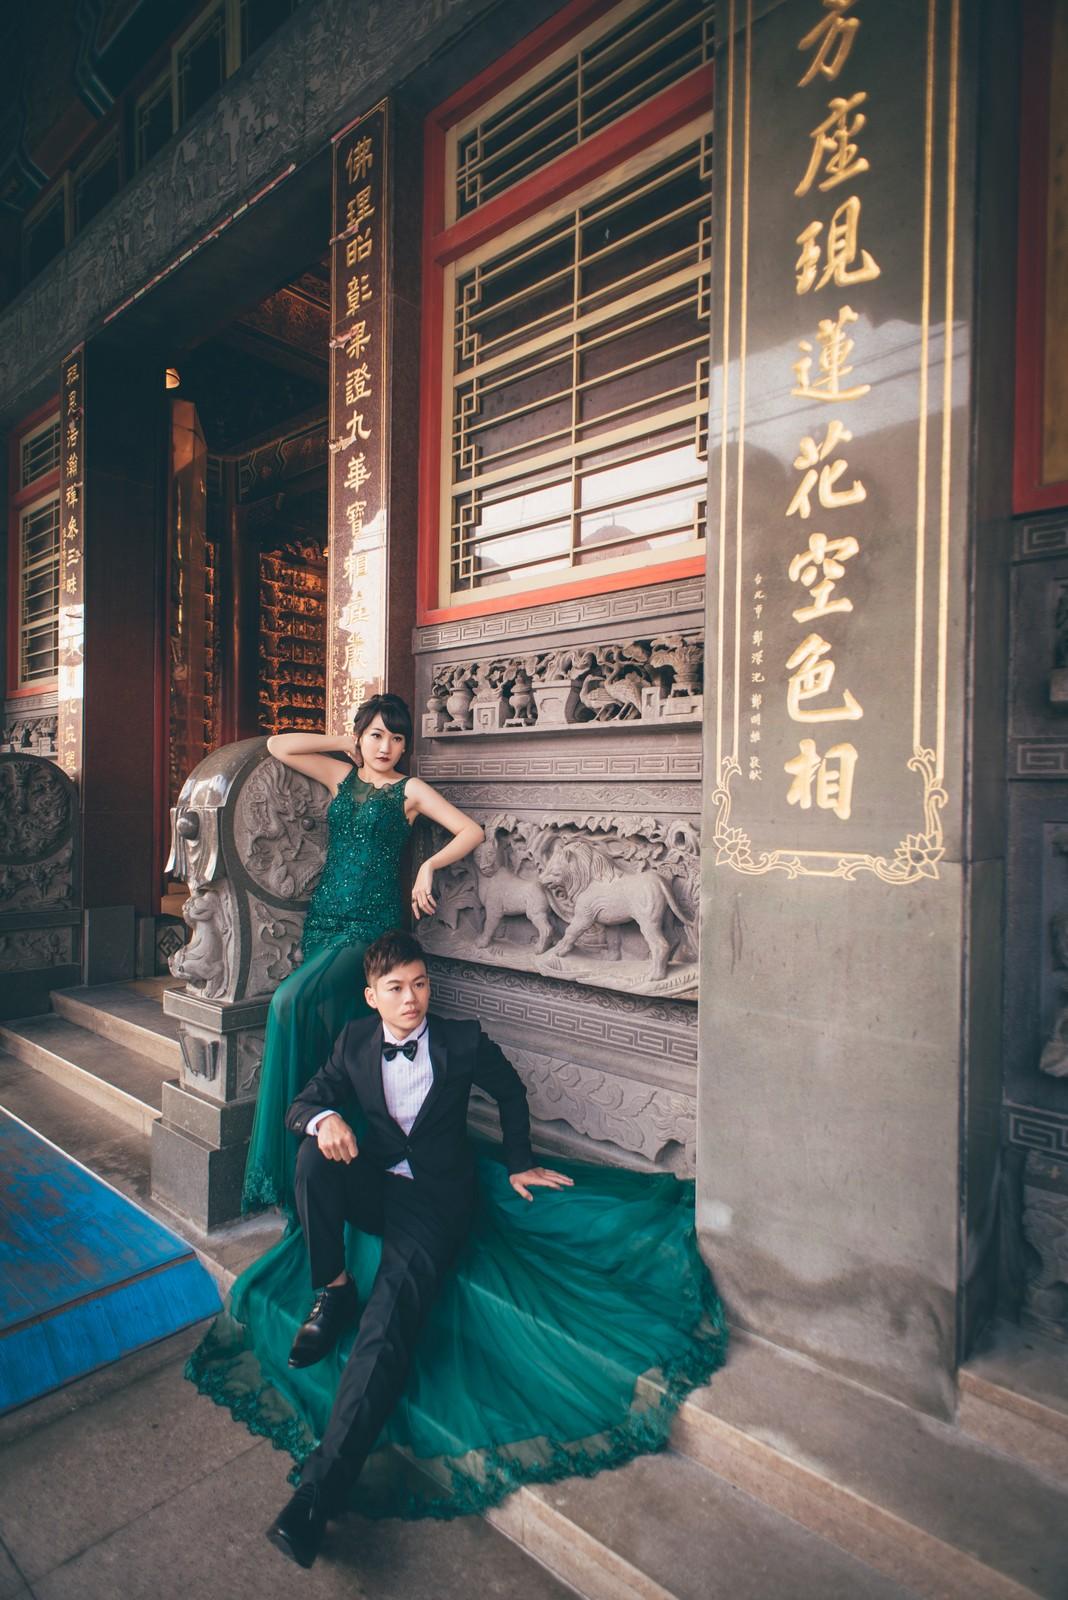 自助婚紗,自主婚紗推薦,台南 自助婚紗,tn32